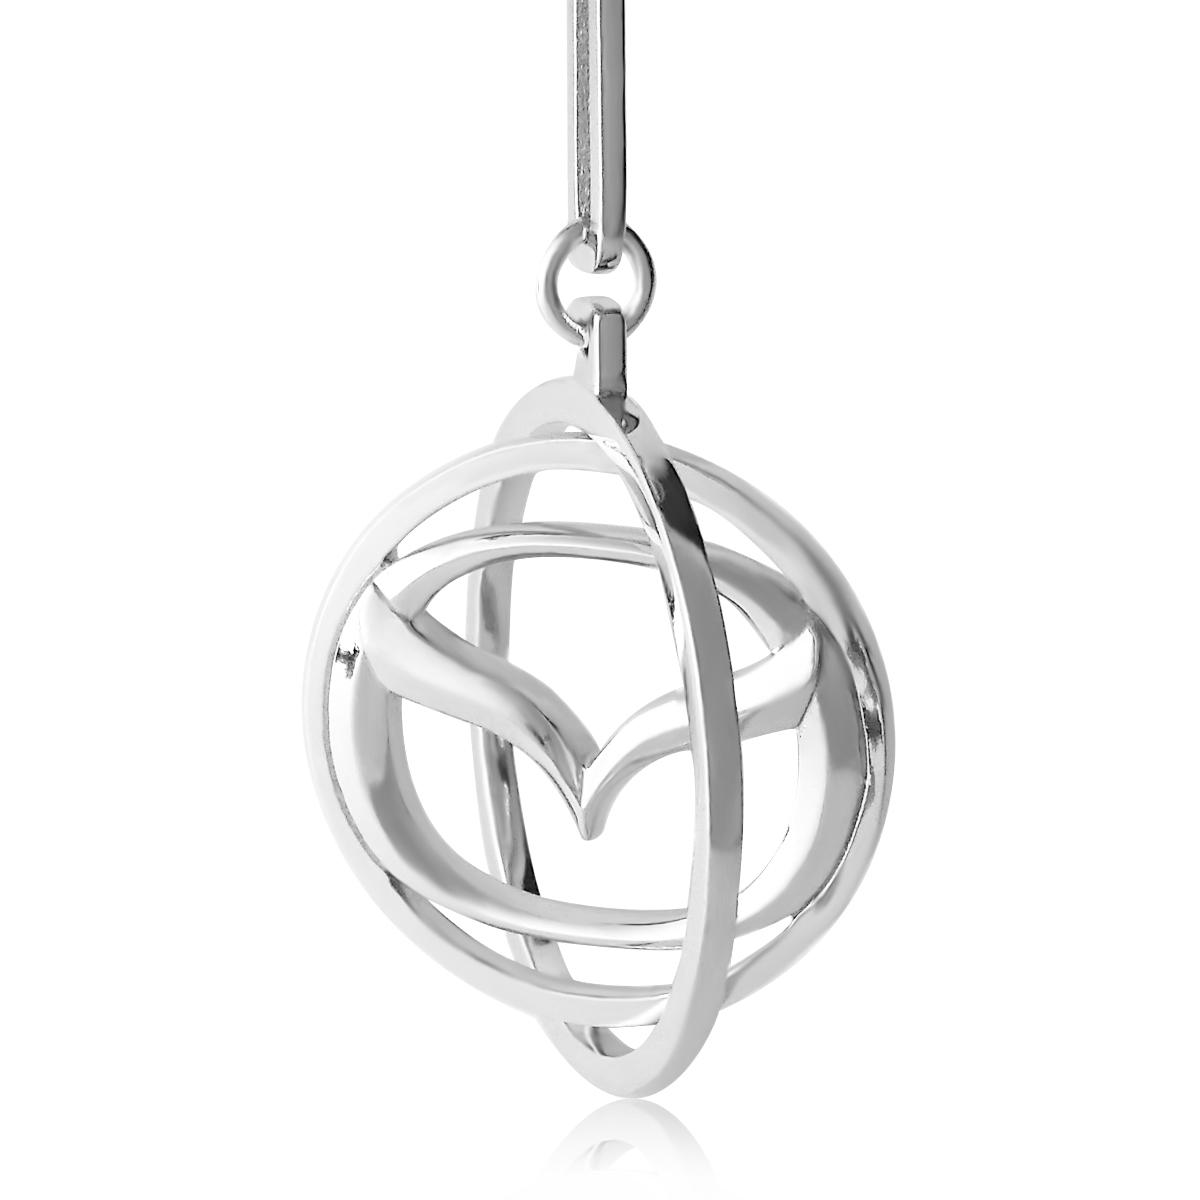 Срібний брелок до машини «Mazda»